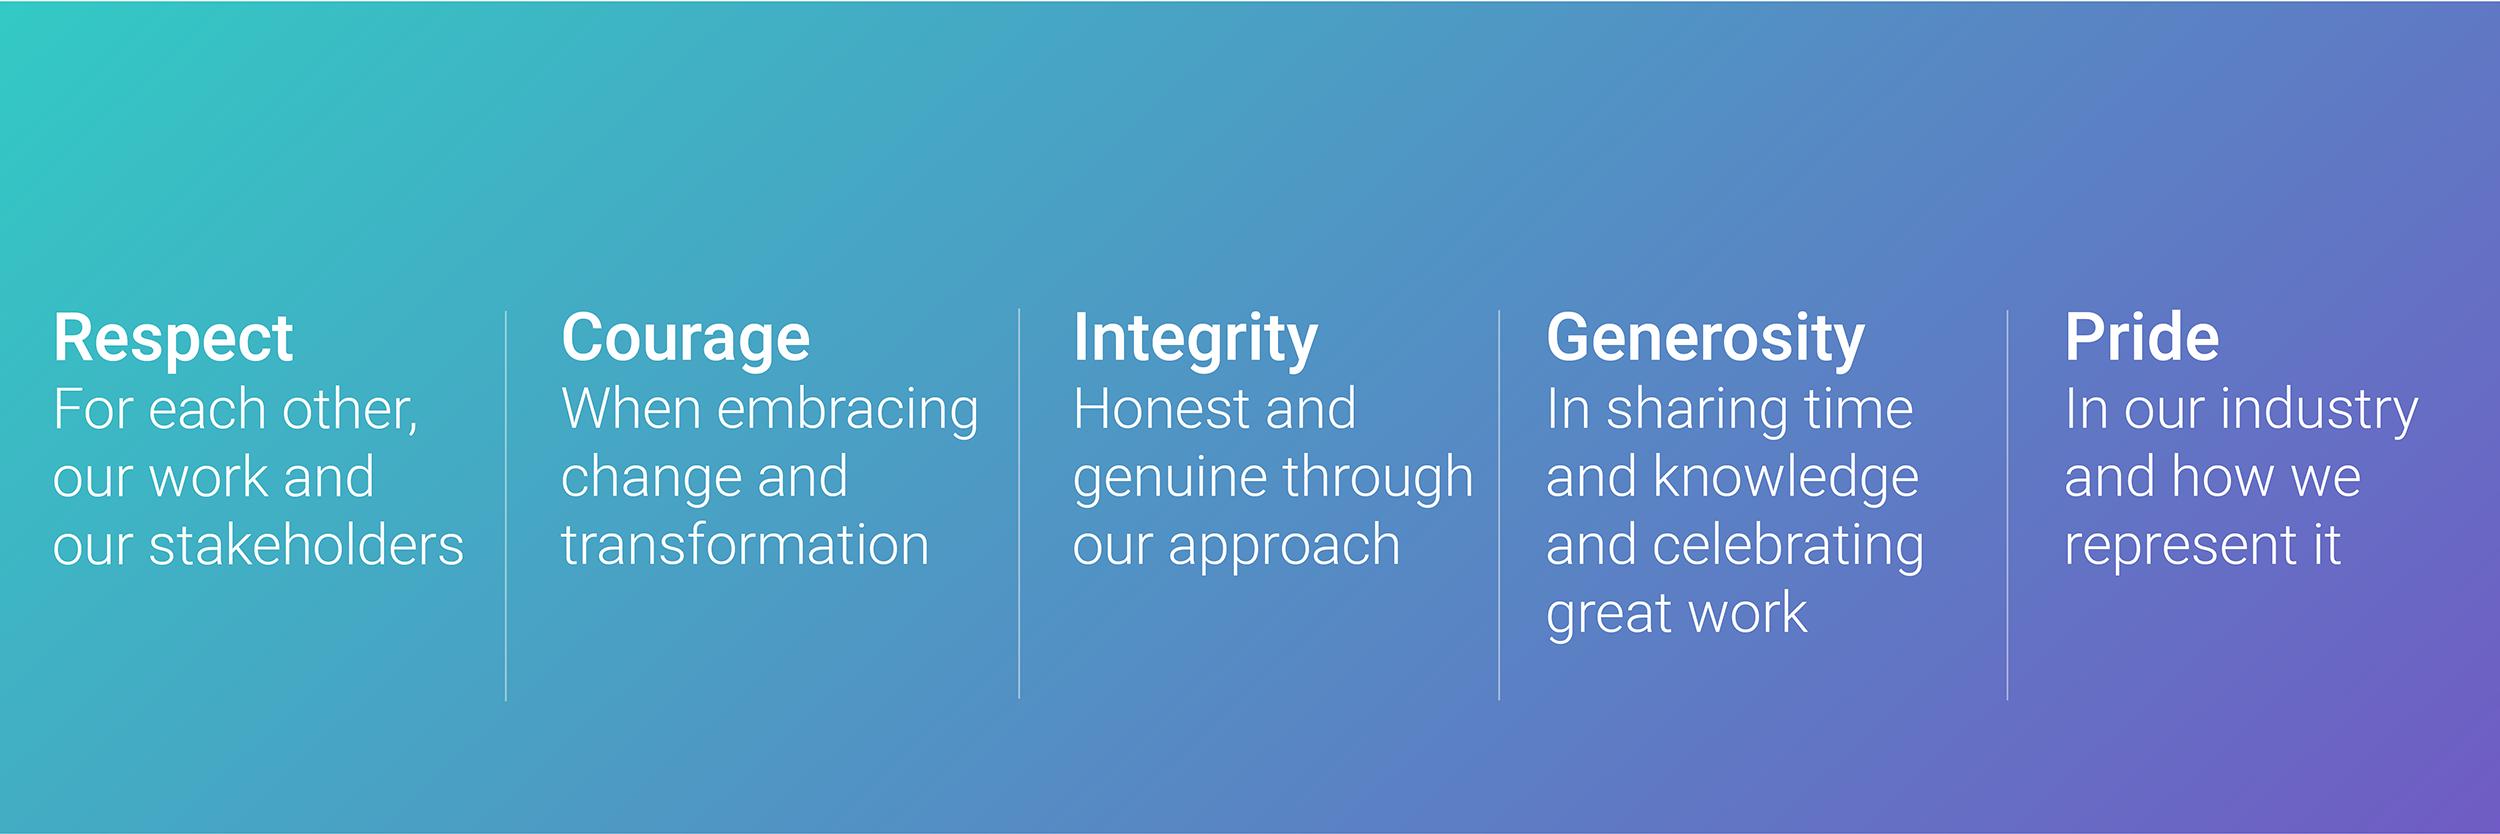 techUK's values